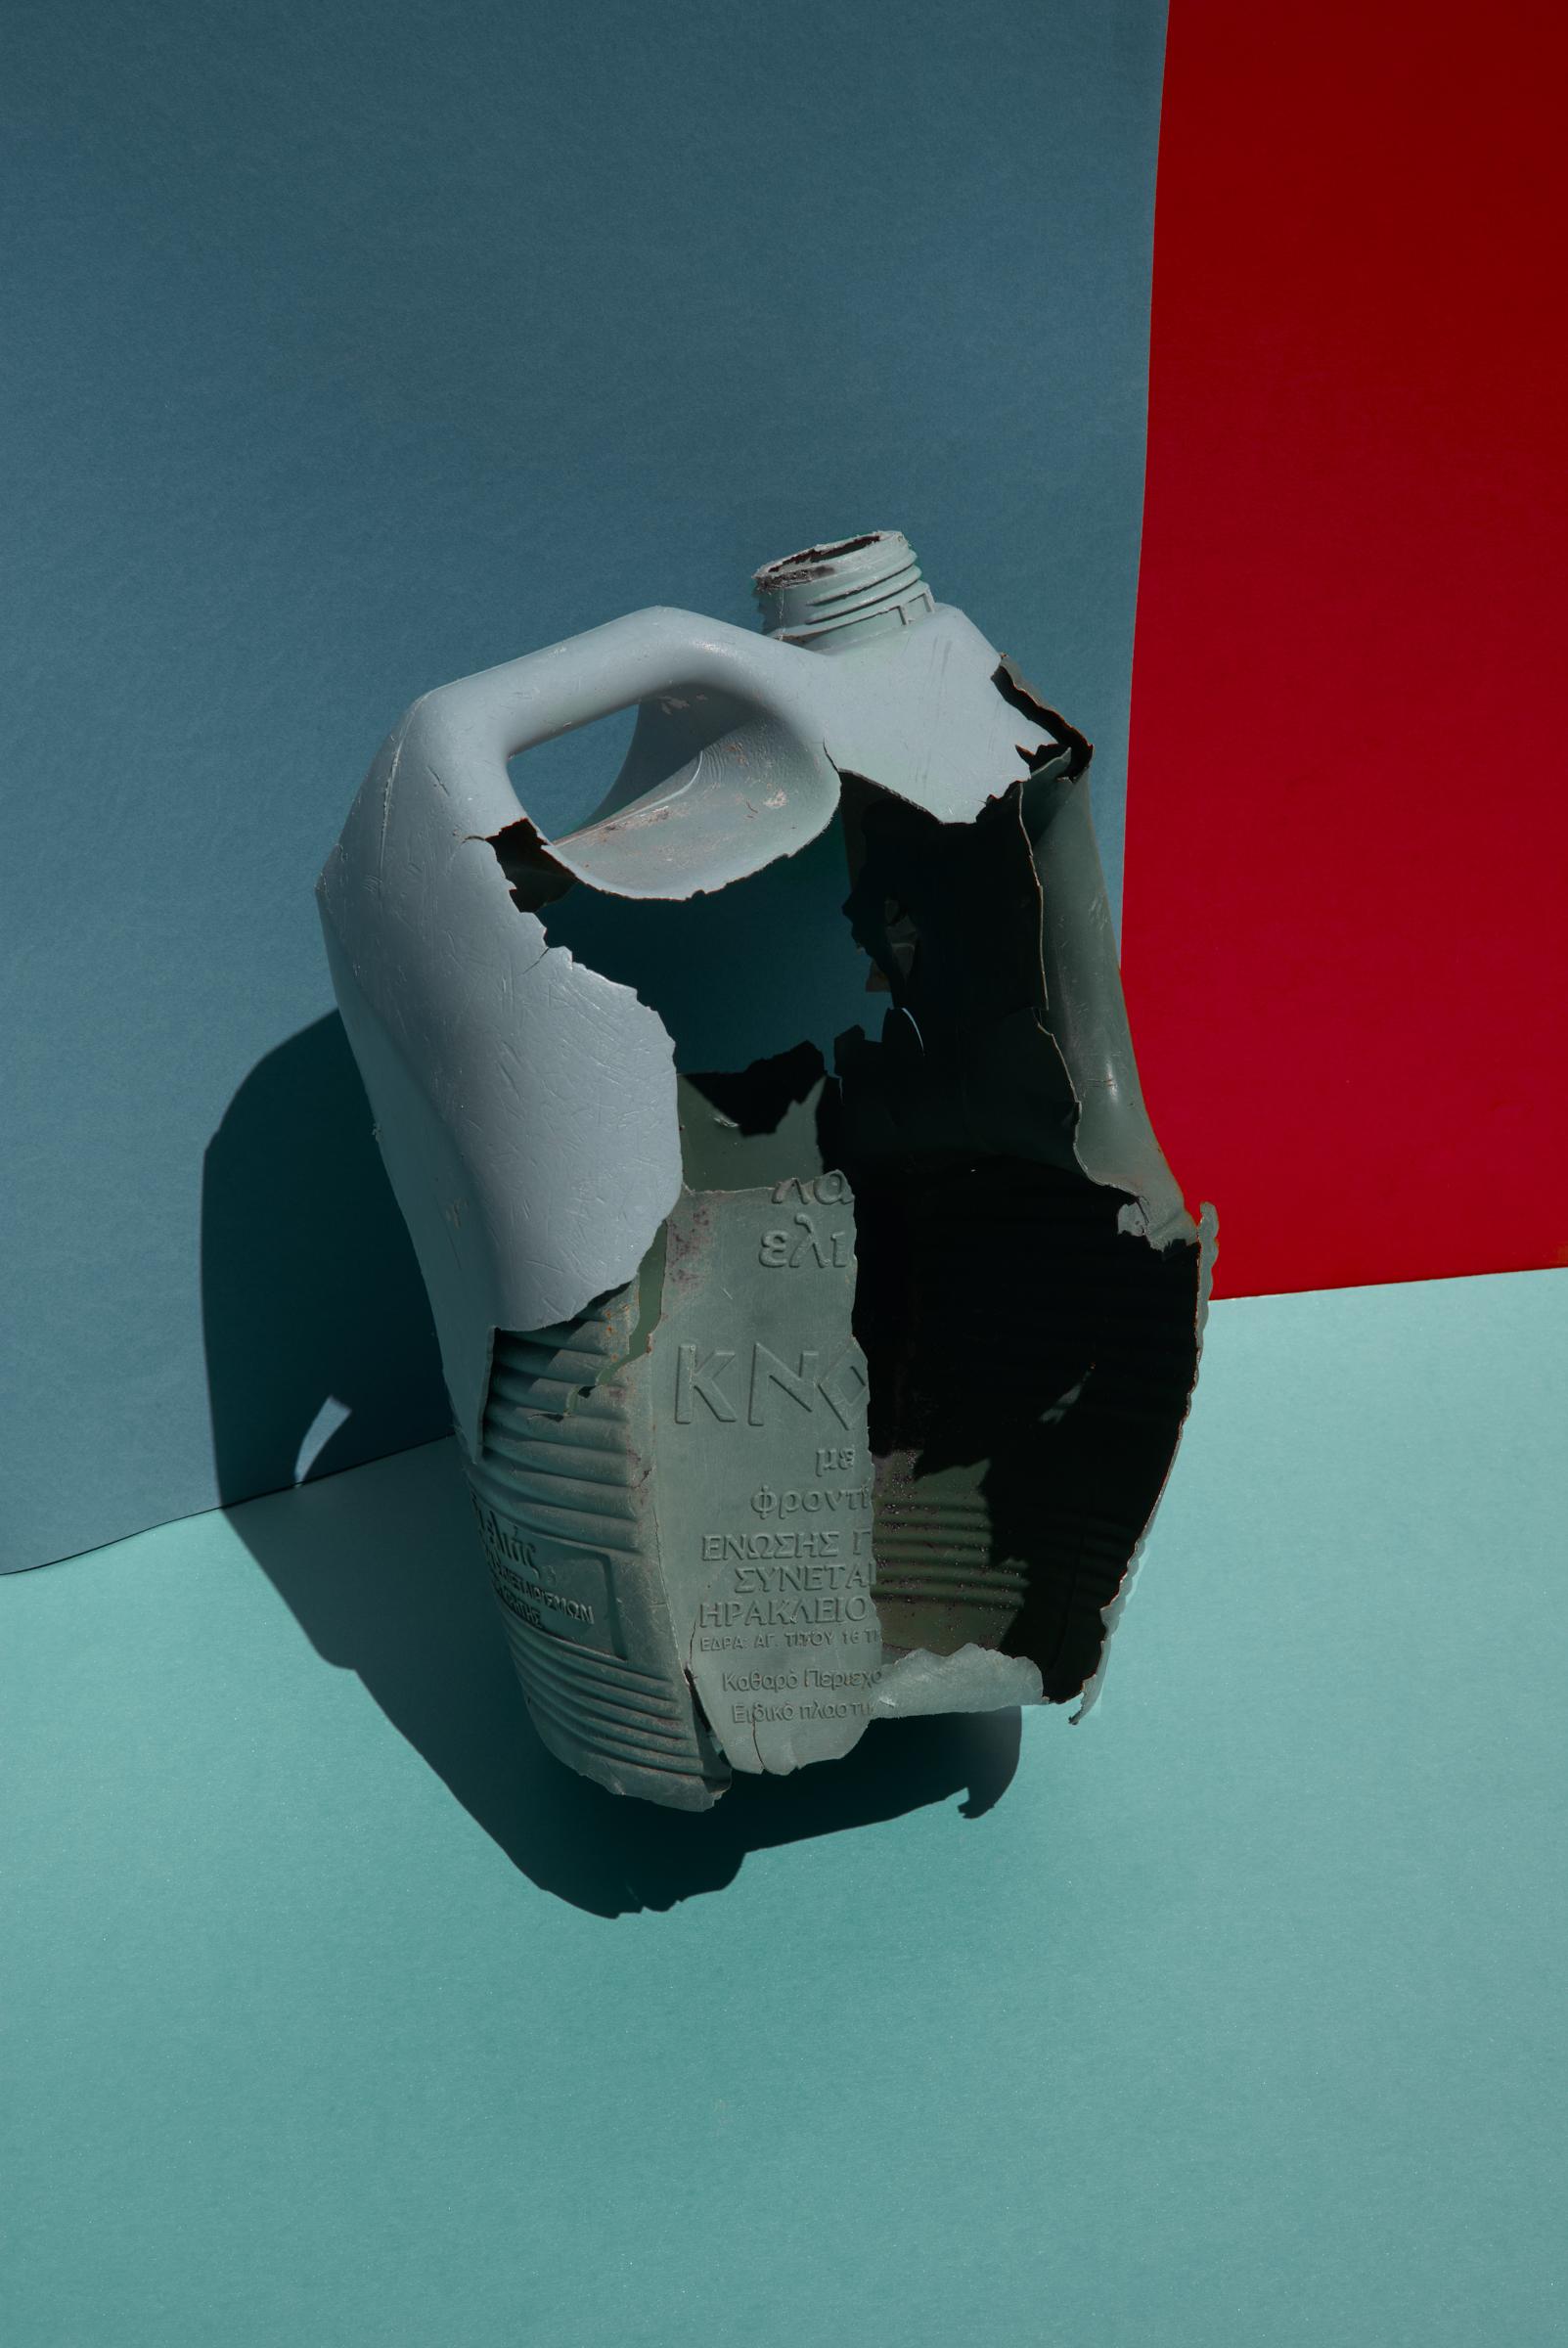 Thirza Schaap, kefi, 2021. Courtesy of the artist and Bildhalle Zürich + Amsterdam